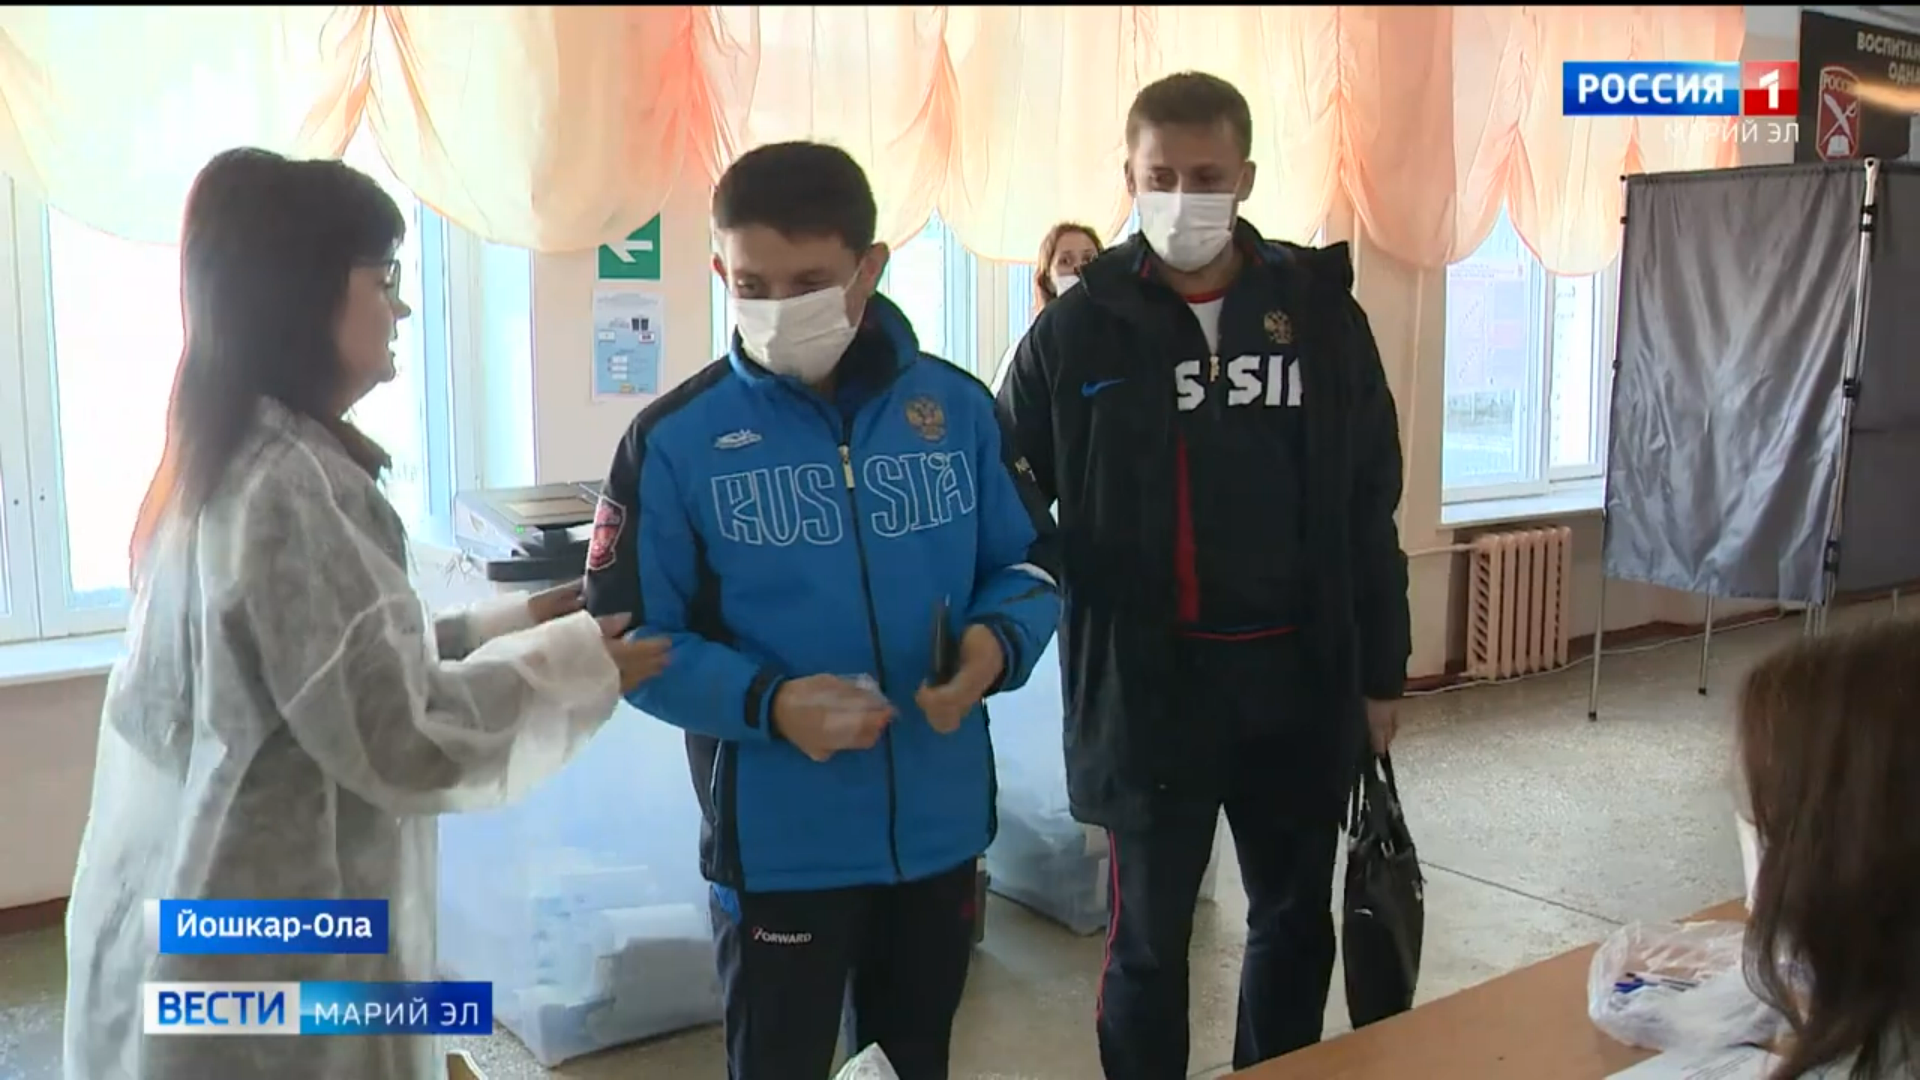 Паралимпиец Николаев пришёл на выборы в сопровождении наставника  в Марий Эл